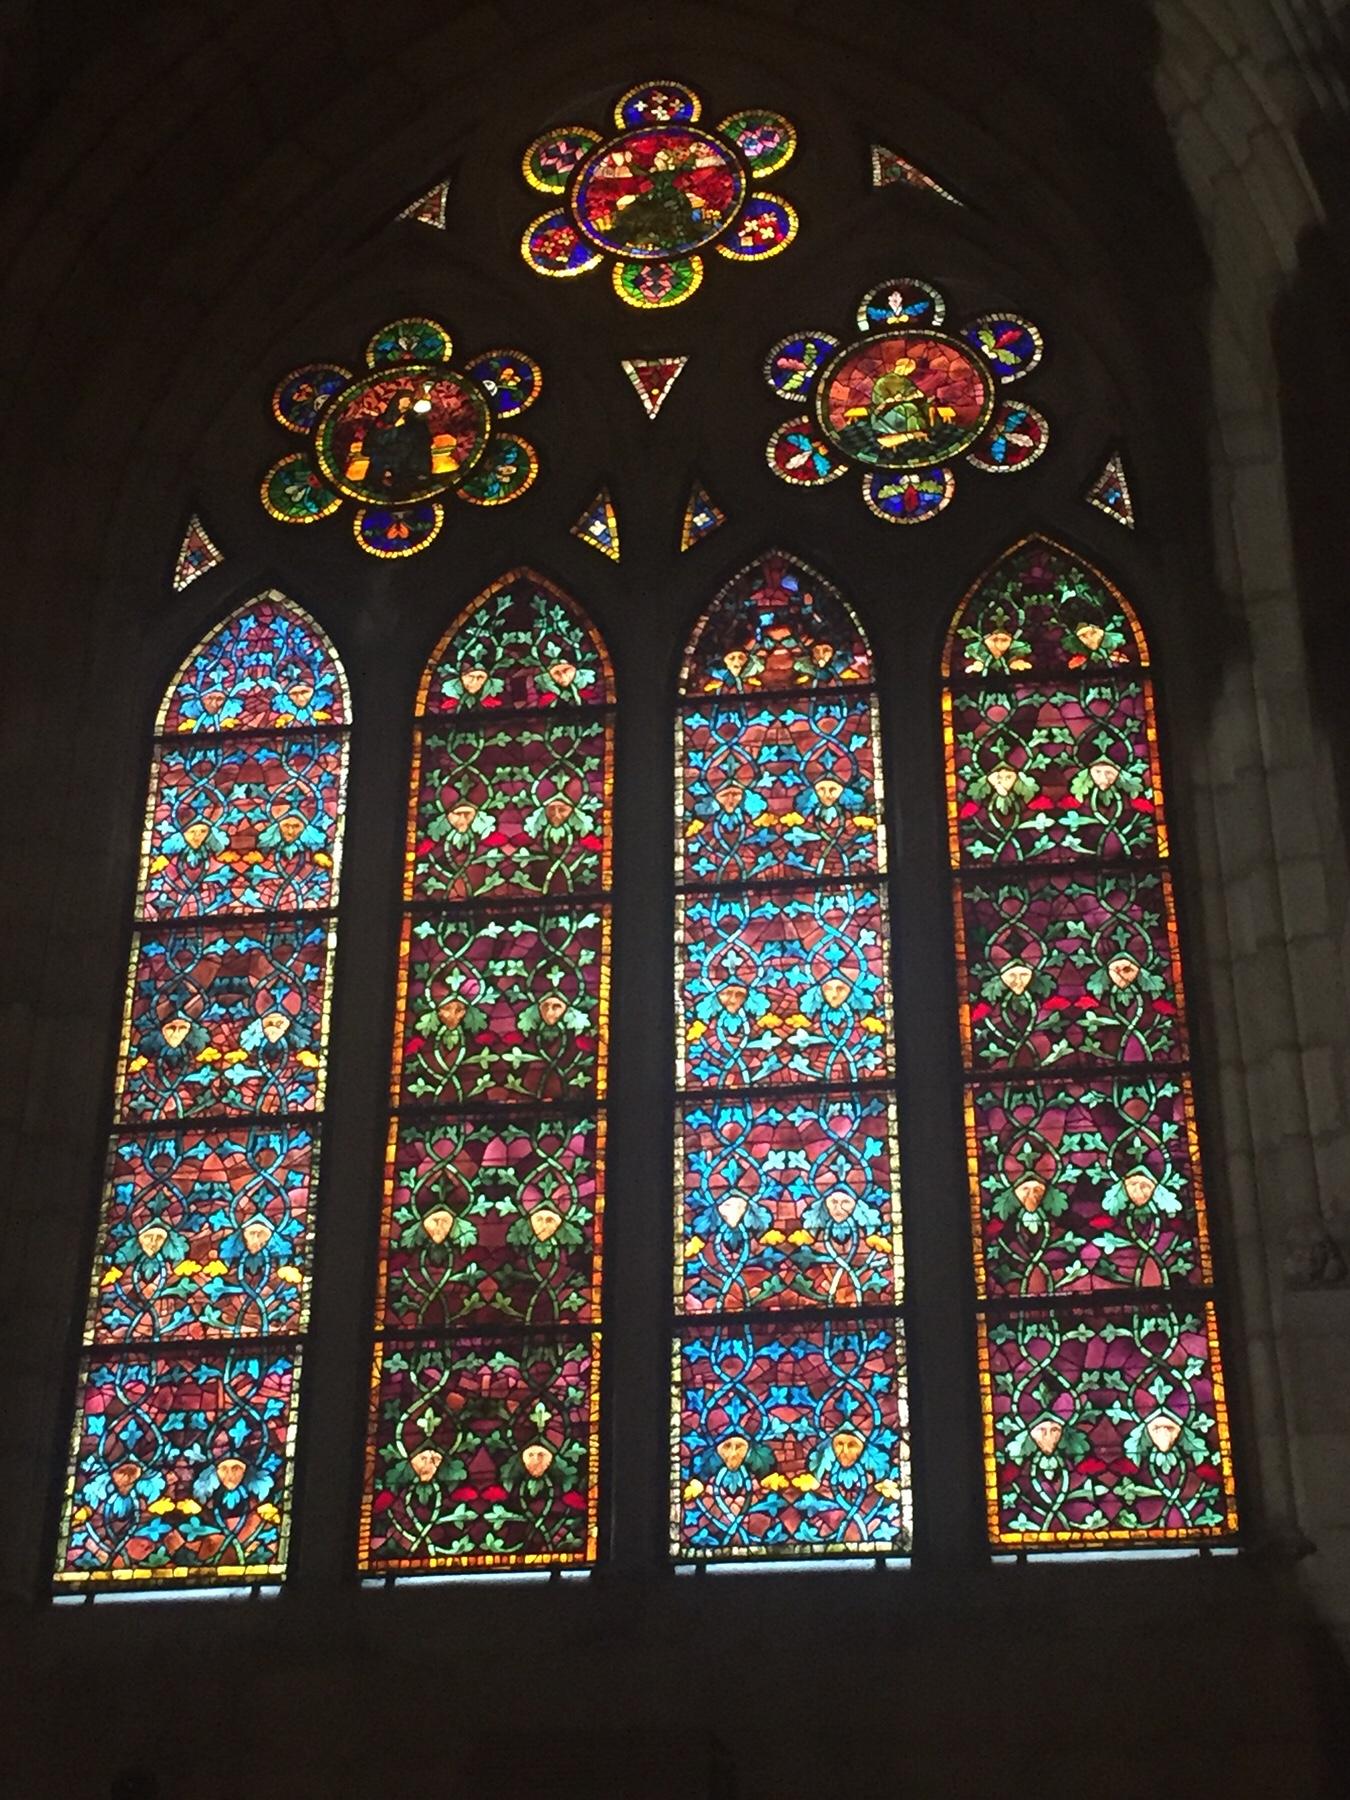 Fenster der Kathedrale von Leon, Camino Frances